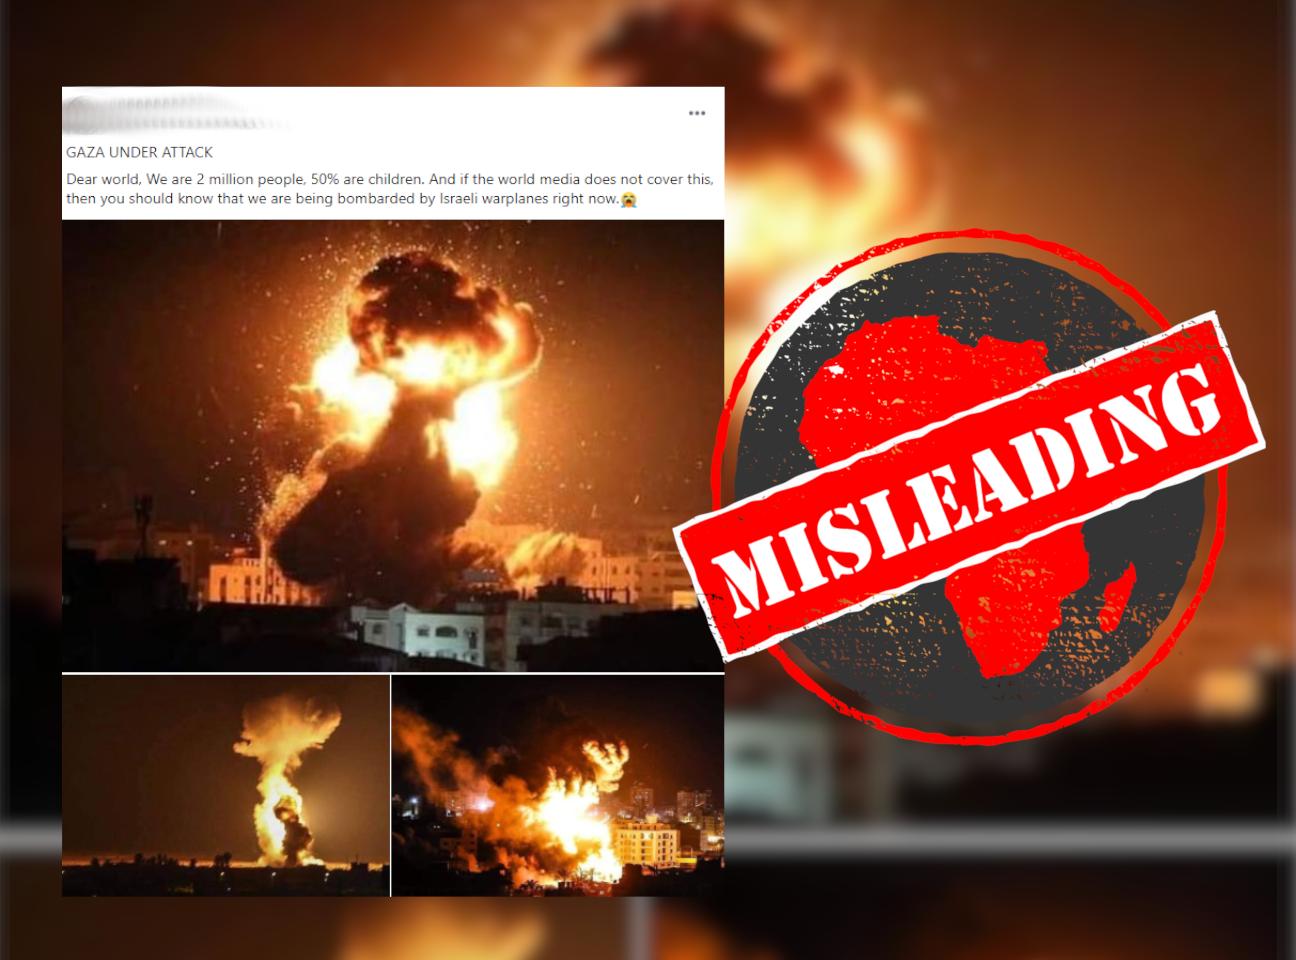 Gaza_Misleading